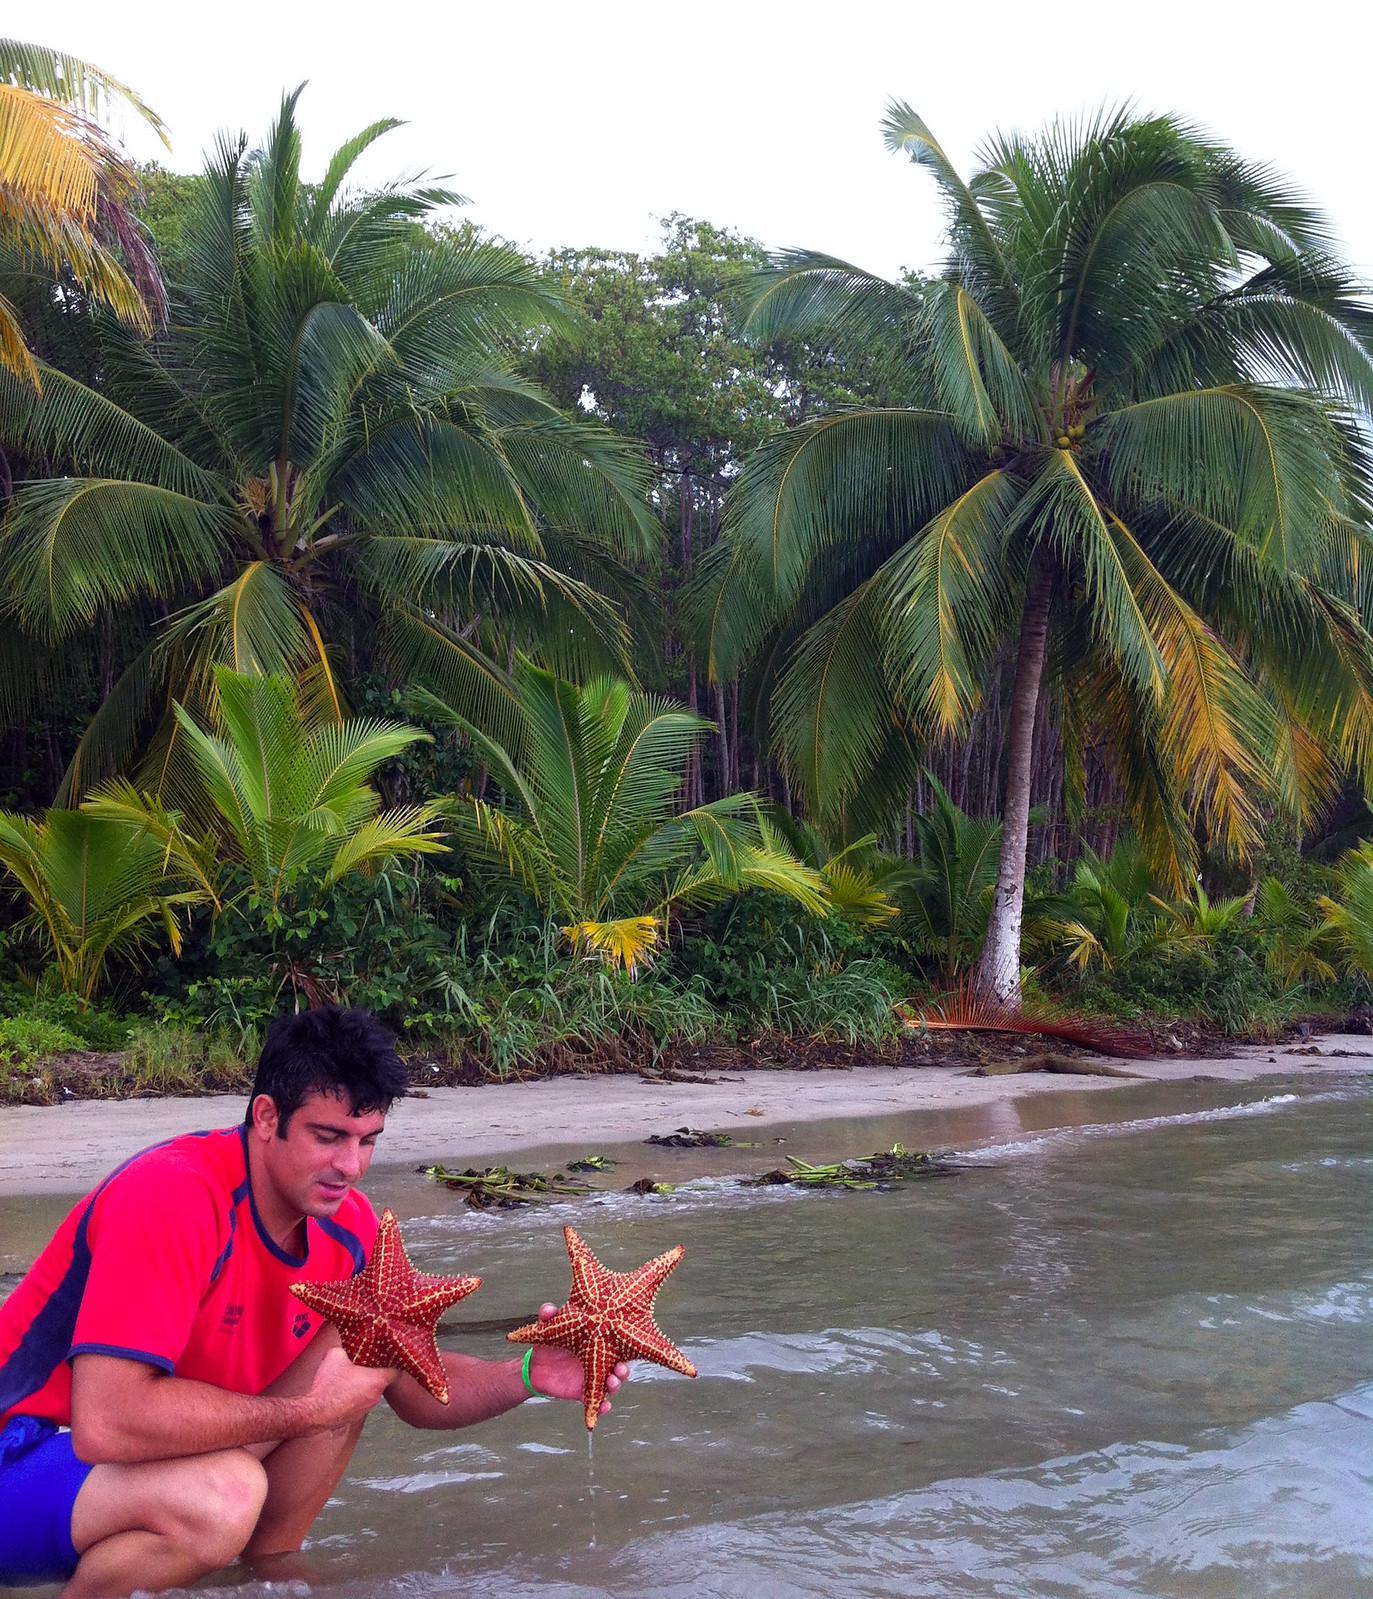 Viajar a Costa Rica / Ruta por Costa Rica en 3 semanas ruta por costa rica - 24377764418 da907d99a9 h - Ruta por Costa Rica en 3 semanas